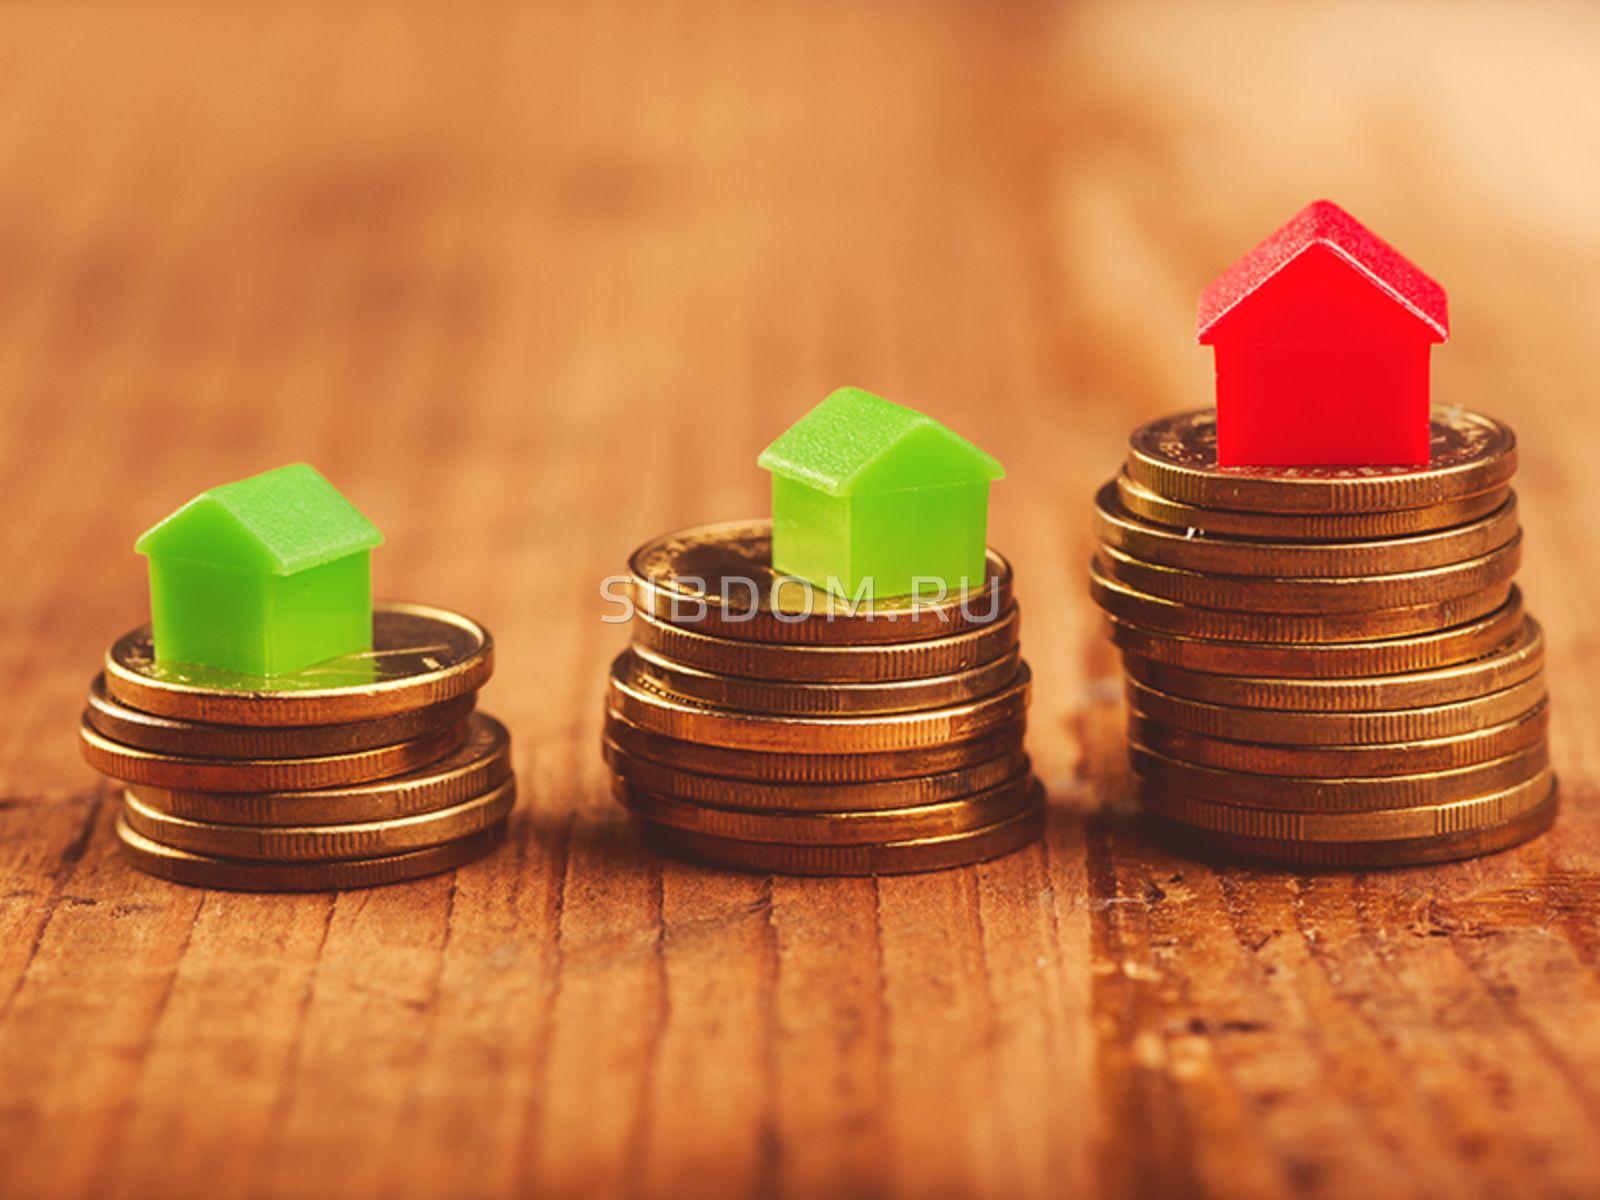 Лучшие программы по рефинансированию ипотеки банков топ 1-50 по объемам кредитования физических лиц в феврале 2020 года